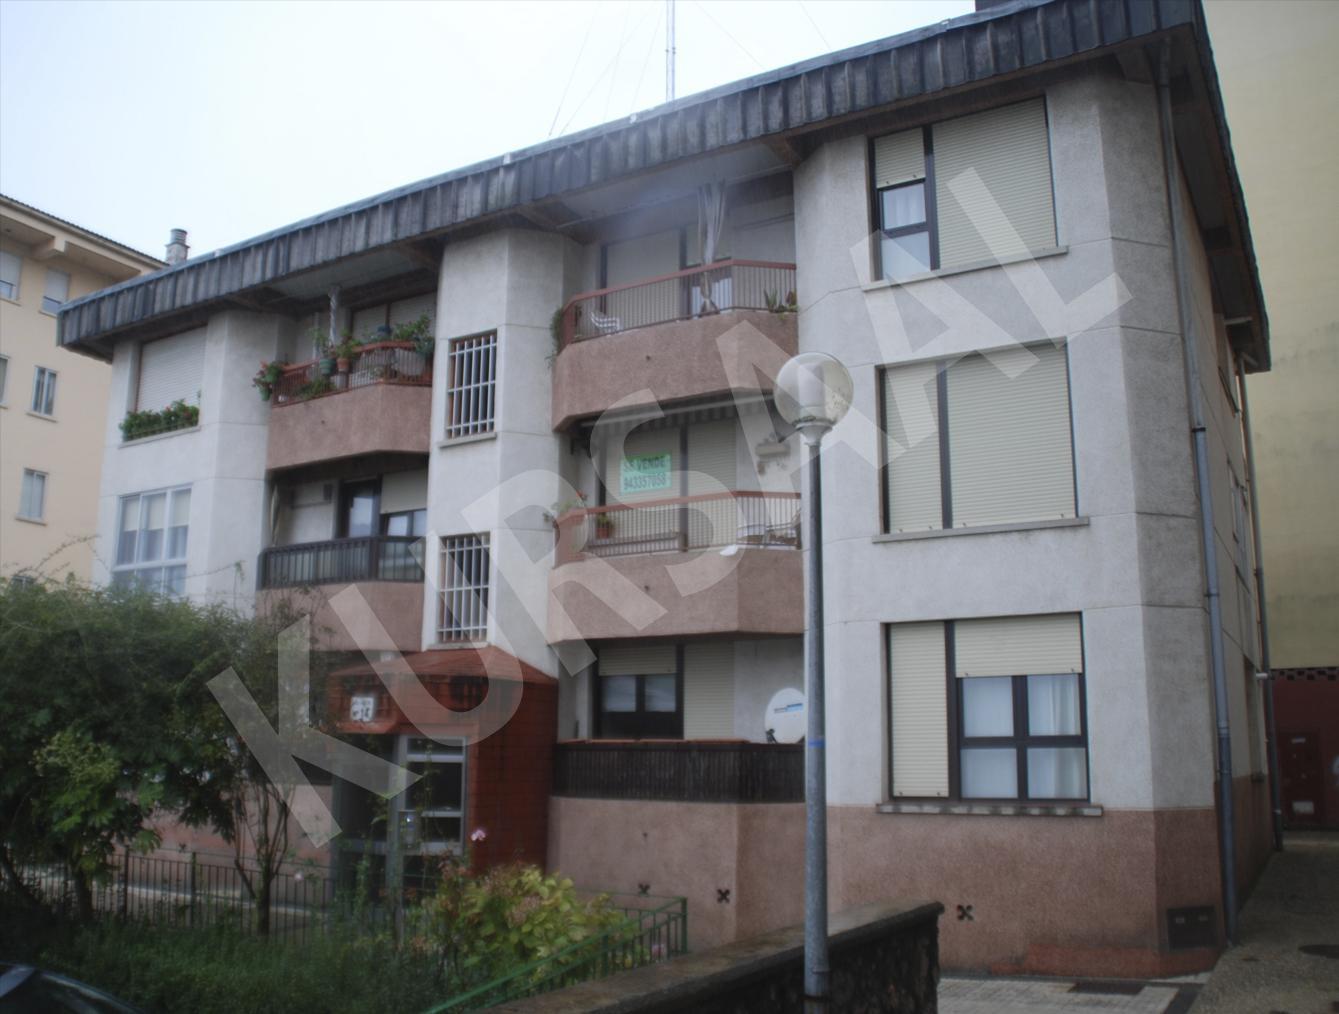 foto 1 - Aislamientos Térmicos y Eficiencia Energética-Lau Haizeta 14-DONOSTIA, GIPUZKOA